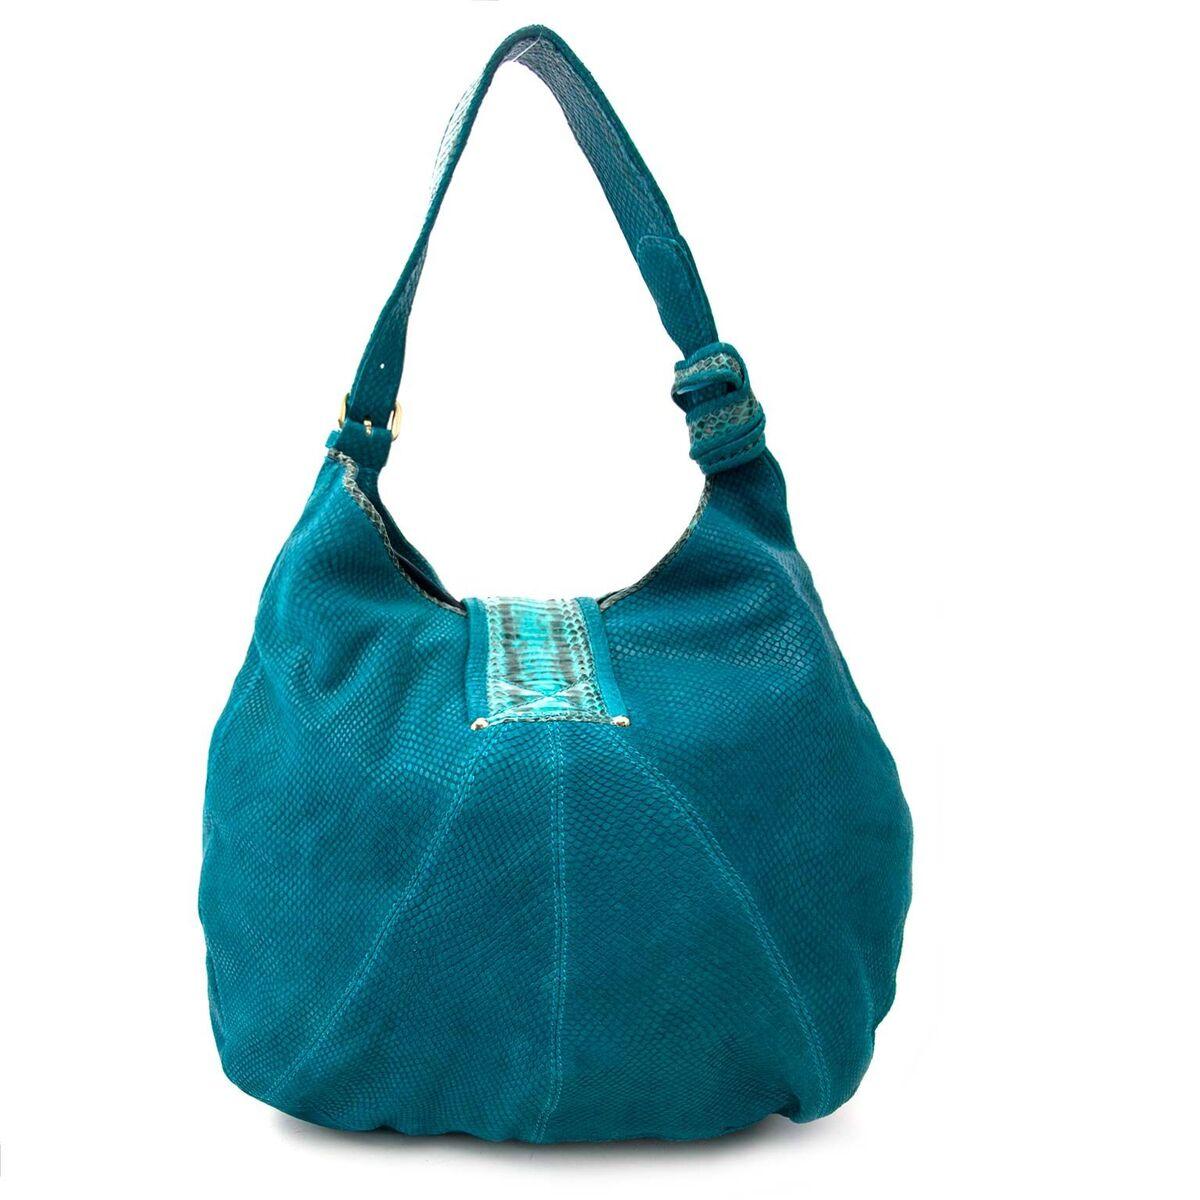 Koop authentieke tweedehands Jimmy Choo tassen aan een eerlijke prijs bij LabelLOV. Veilig online shoppen.